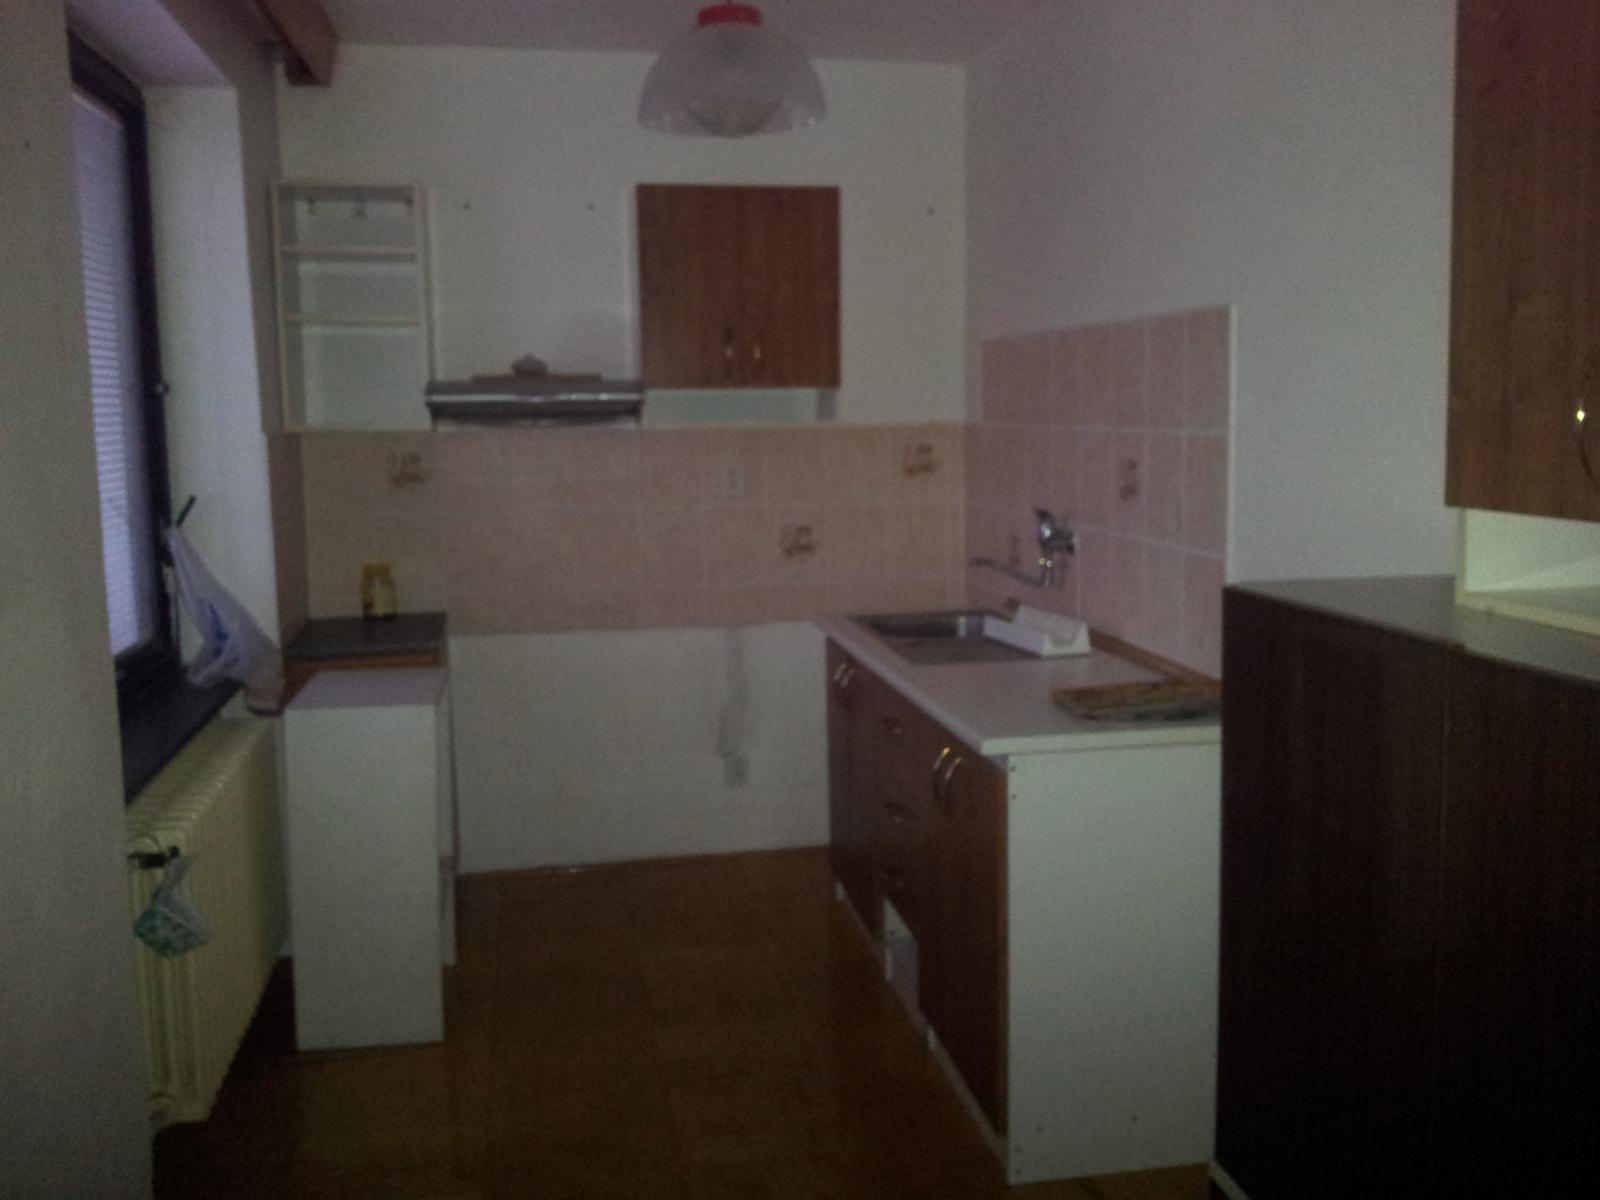 Naša rekonštrukcia - Kuchyňa II - budúca kúpeľňa